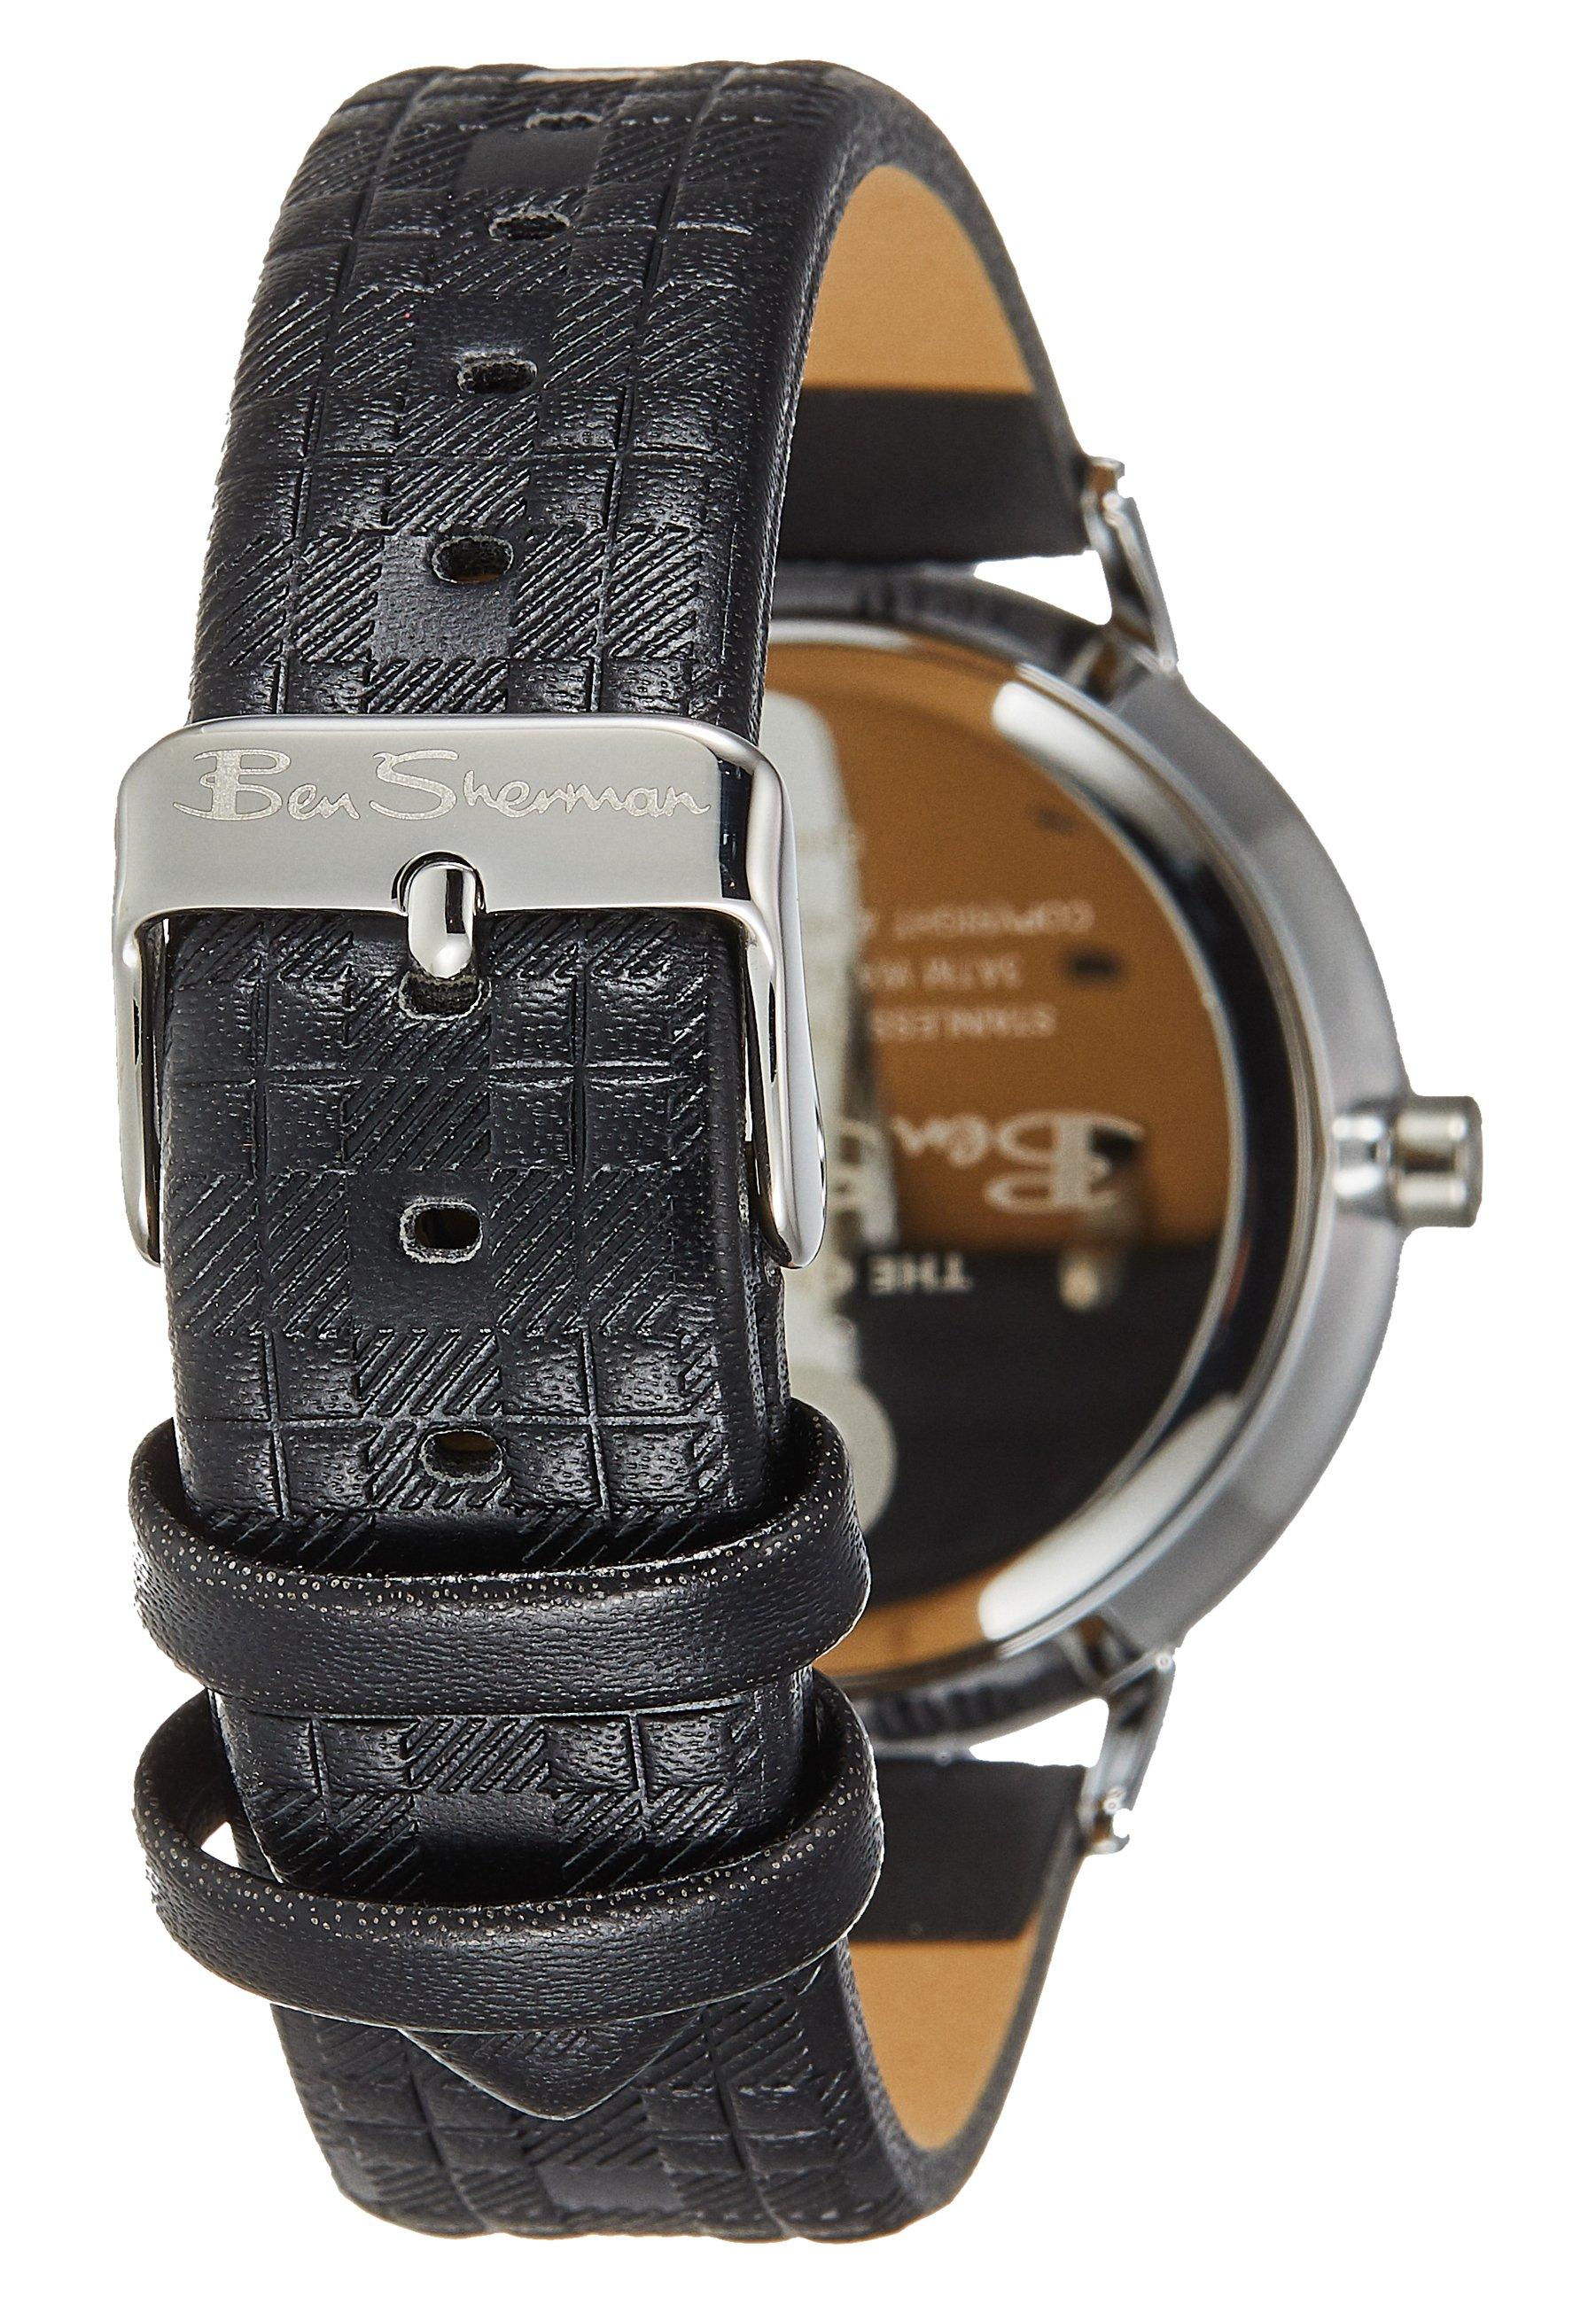 Ben Sherman Watch - Black